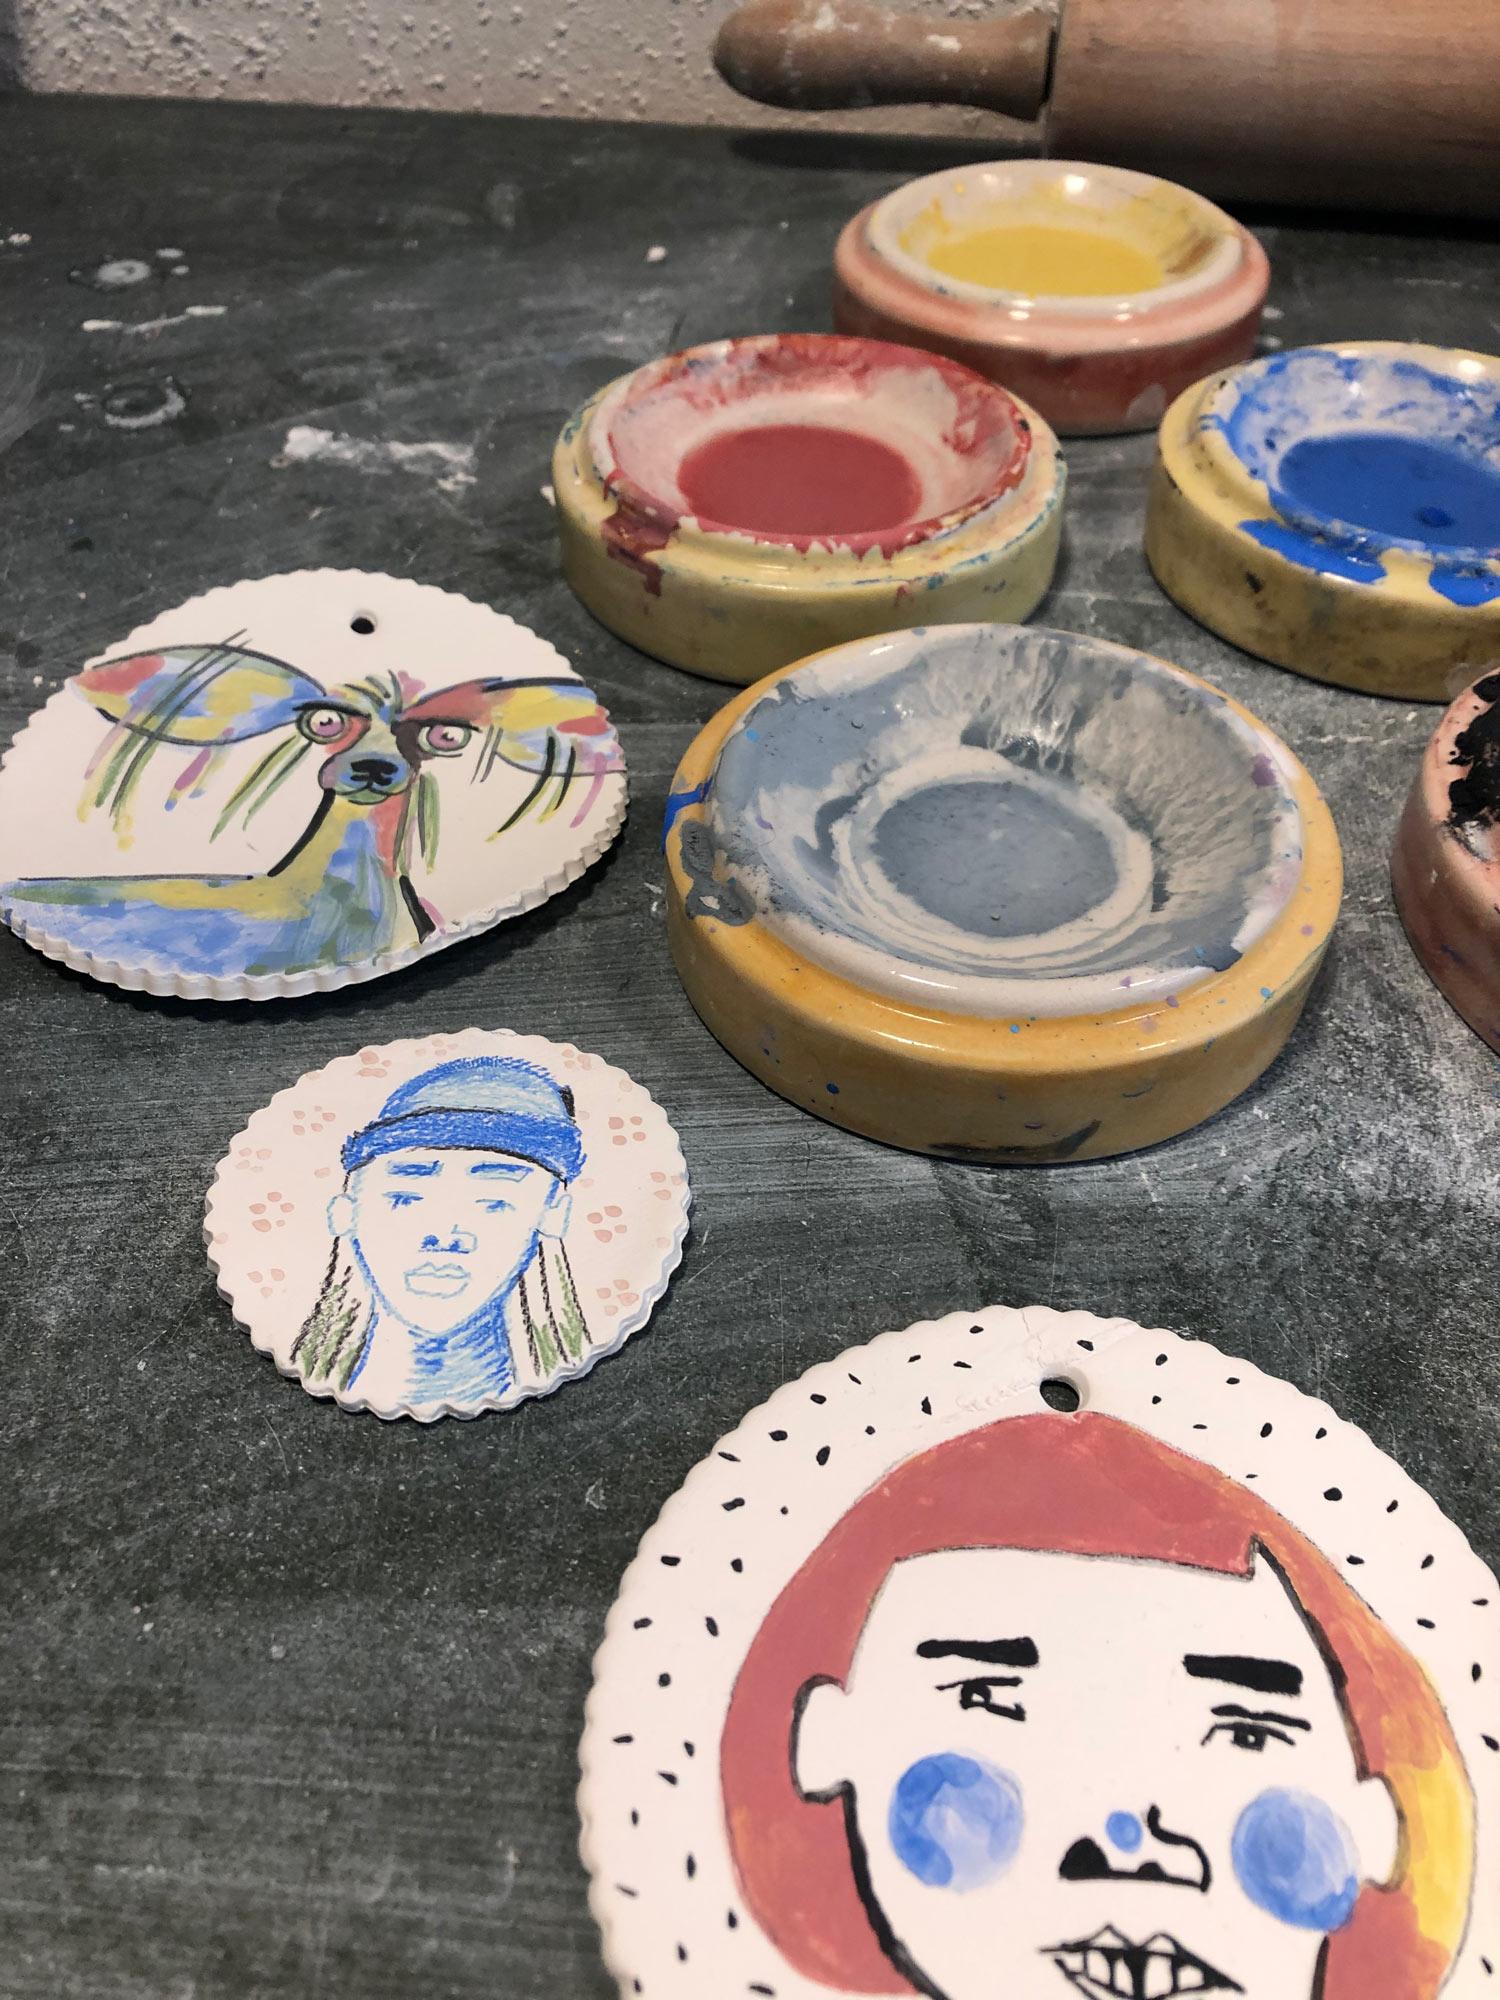 Dokumentation des ersten Tests, auf Keramik zu malen